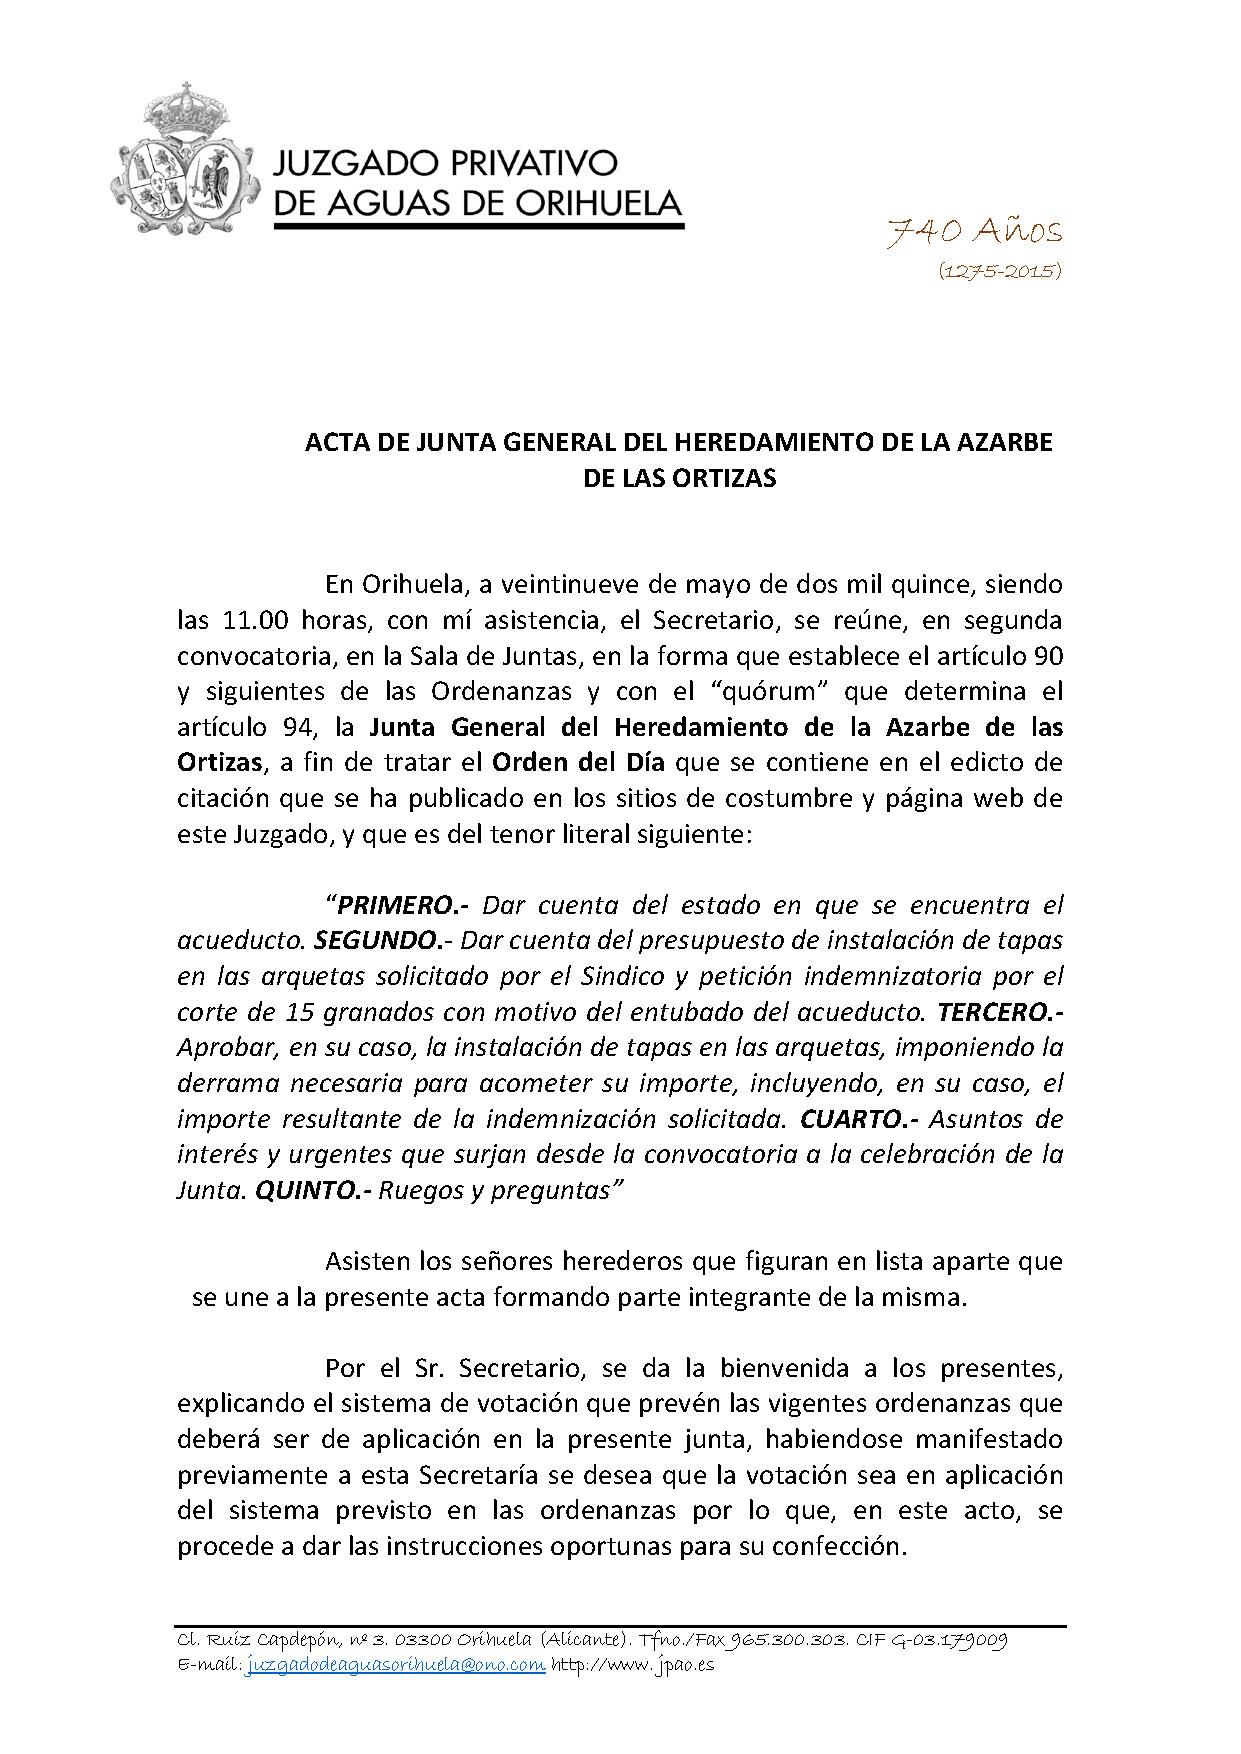 63 2015 AZARBE DE LAS ORTIZAS  ASAMBLEA GENERAL 29052015_Página_1